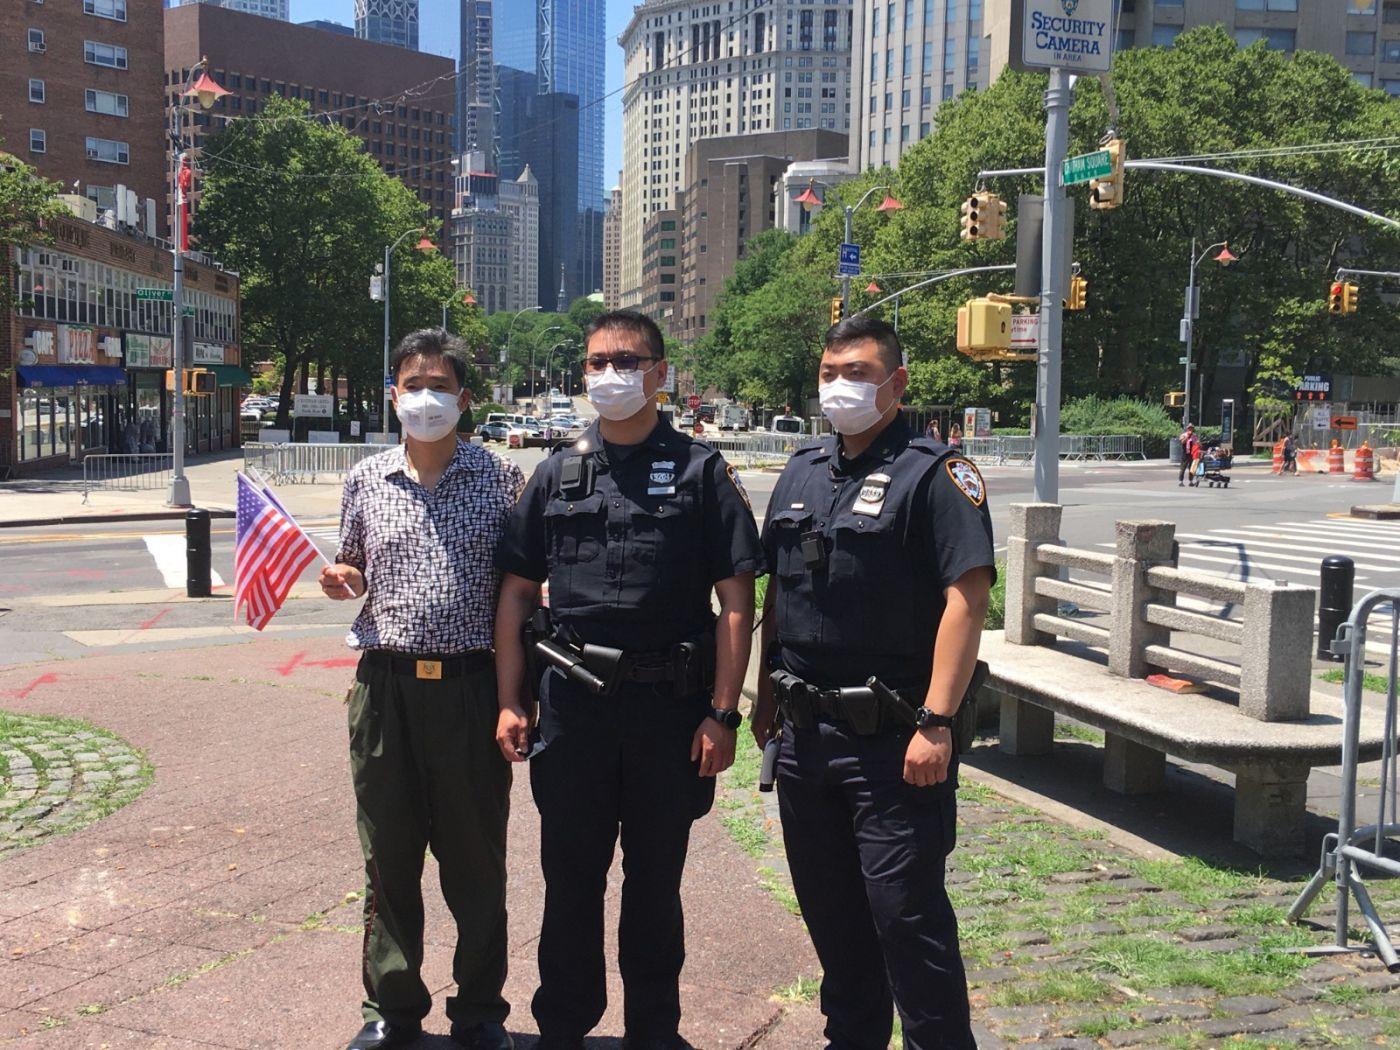 纽约华埠侨团声援支持纽约警察活动_图1-23